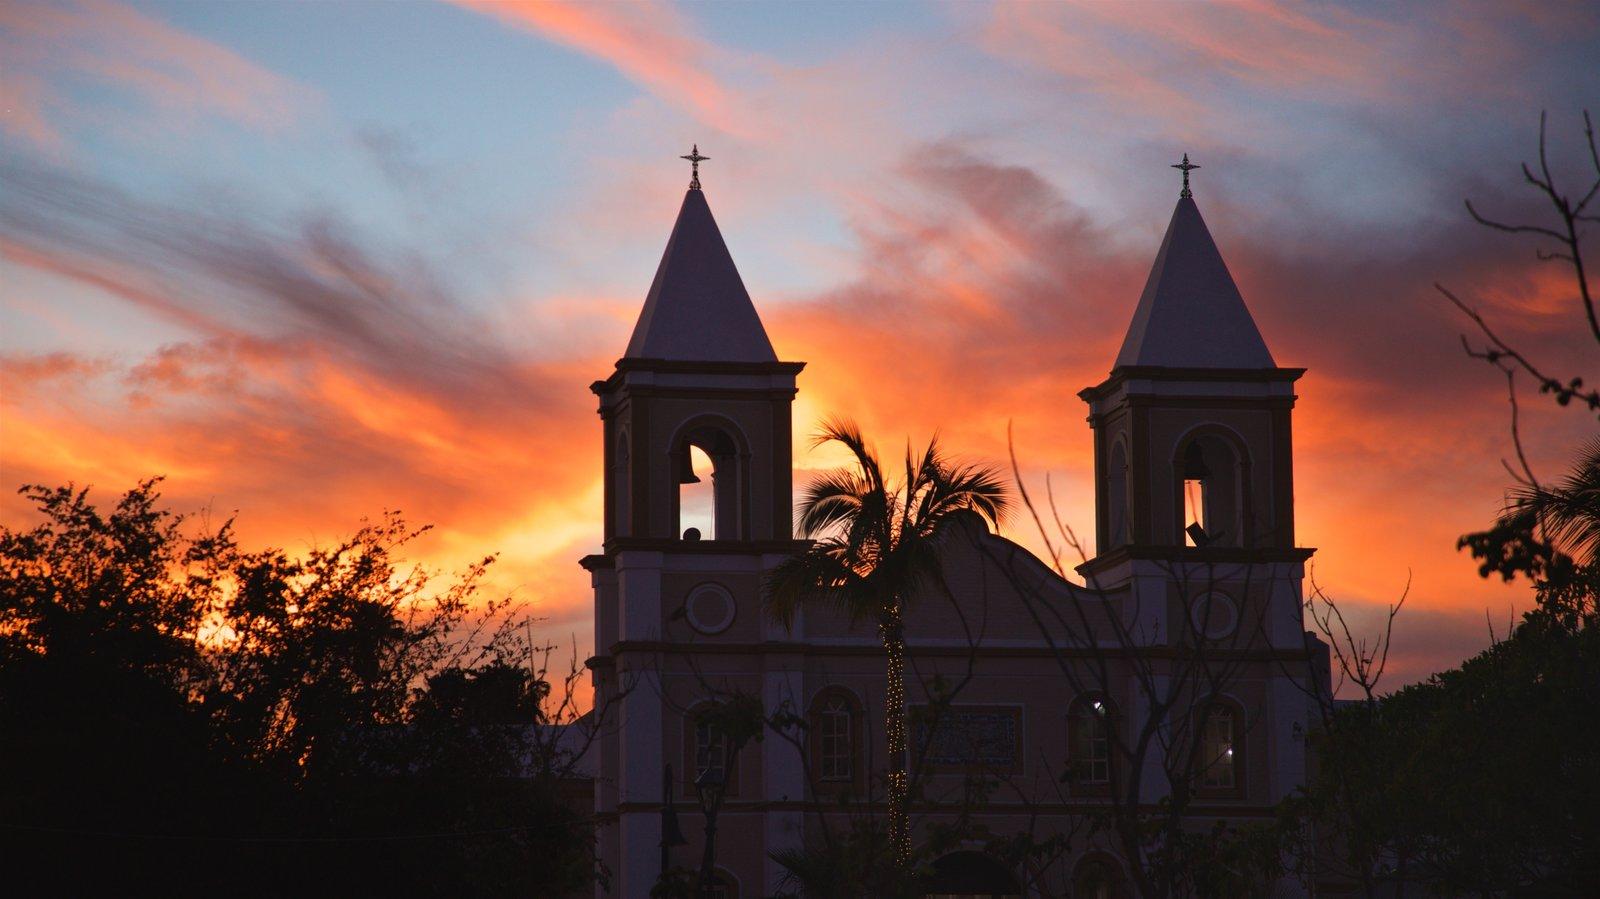 Missão de São José mostrando um pôr do sol e uma igreja ou catedral